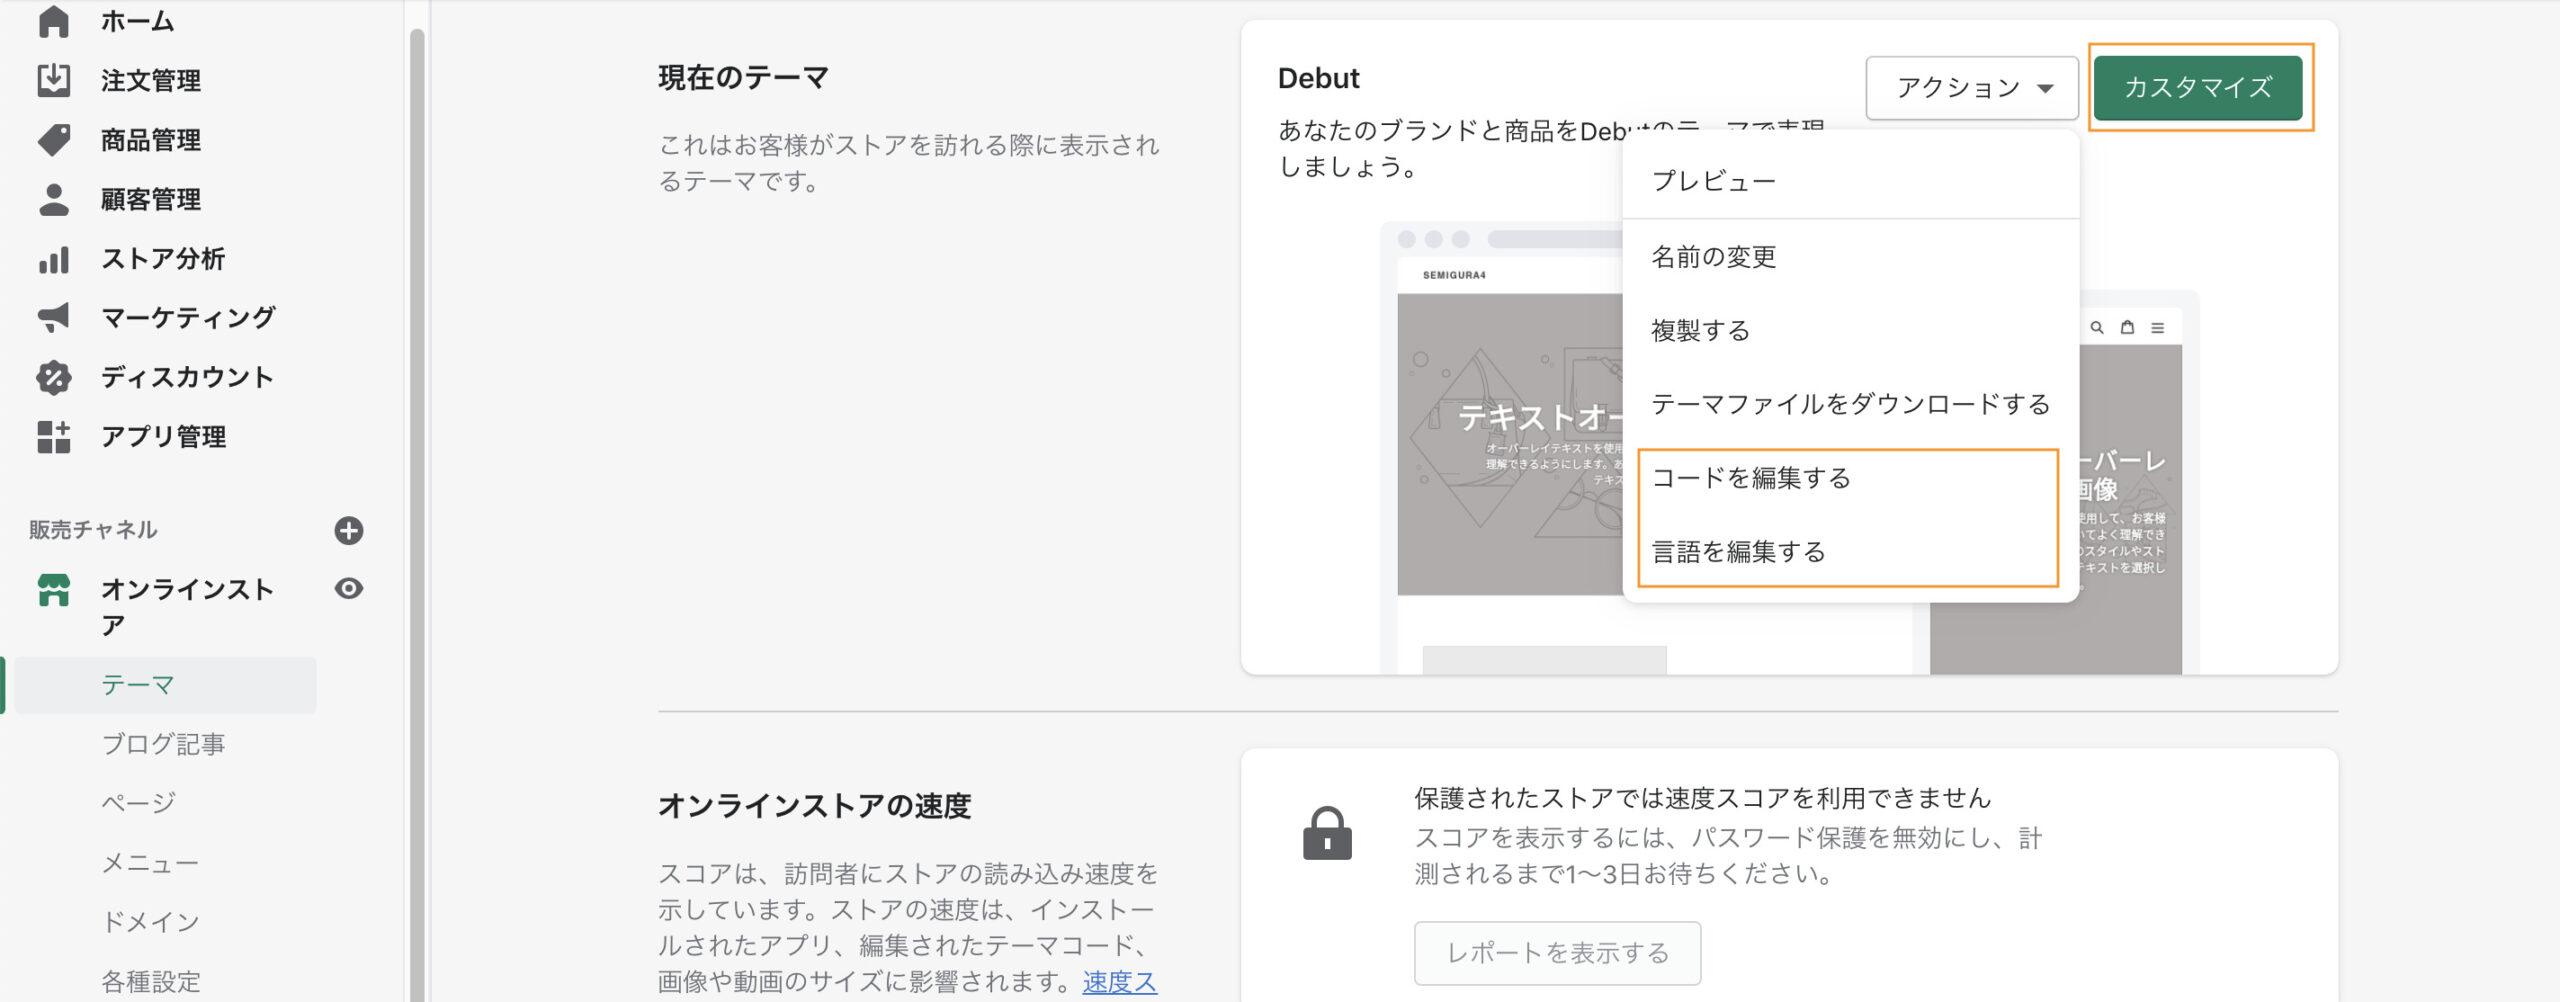 アイキャッチ画像:Shopify Theme Kit で管理できる設定と管理できない設定